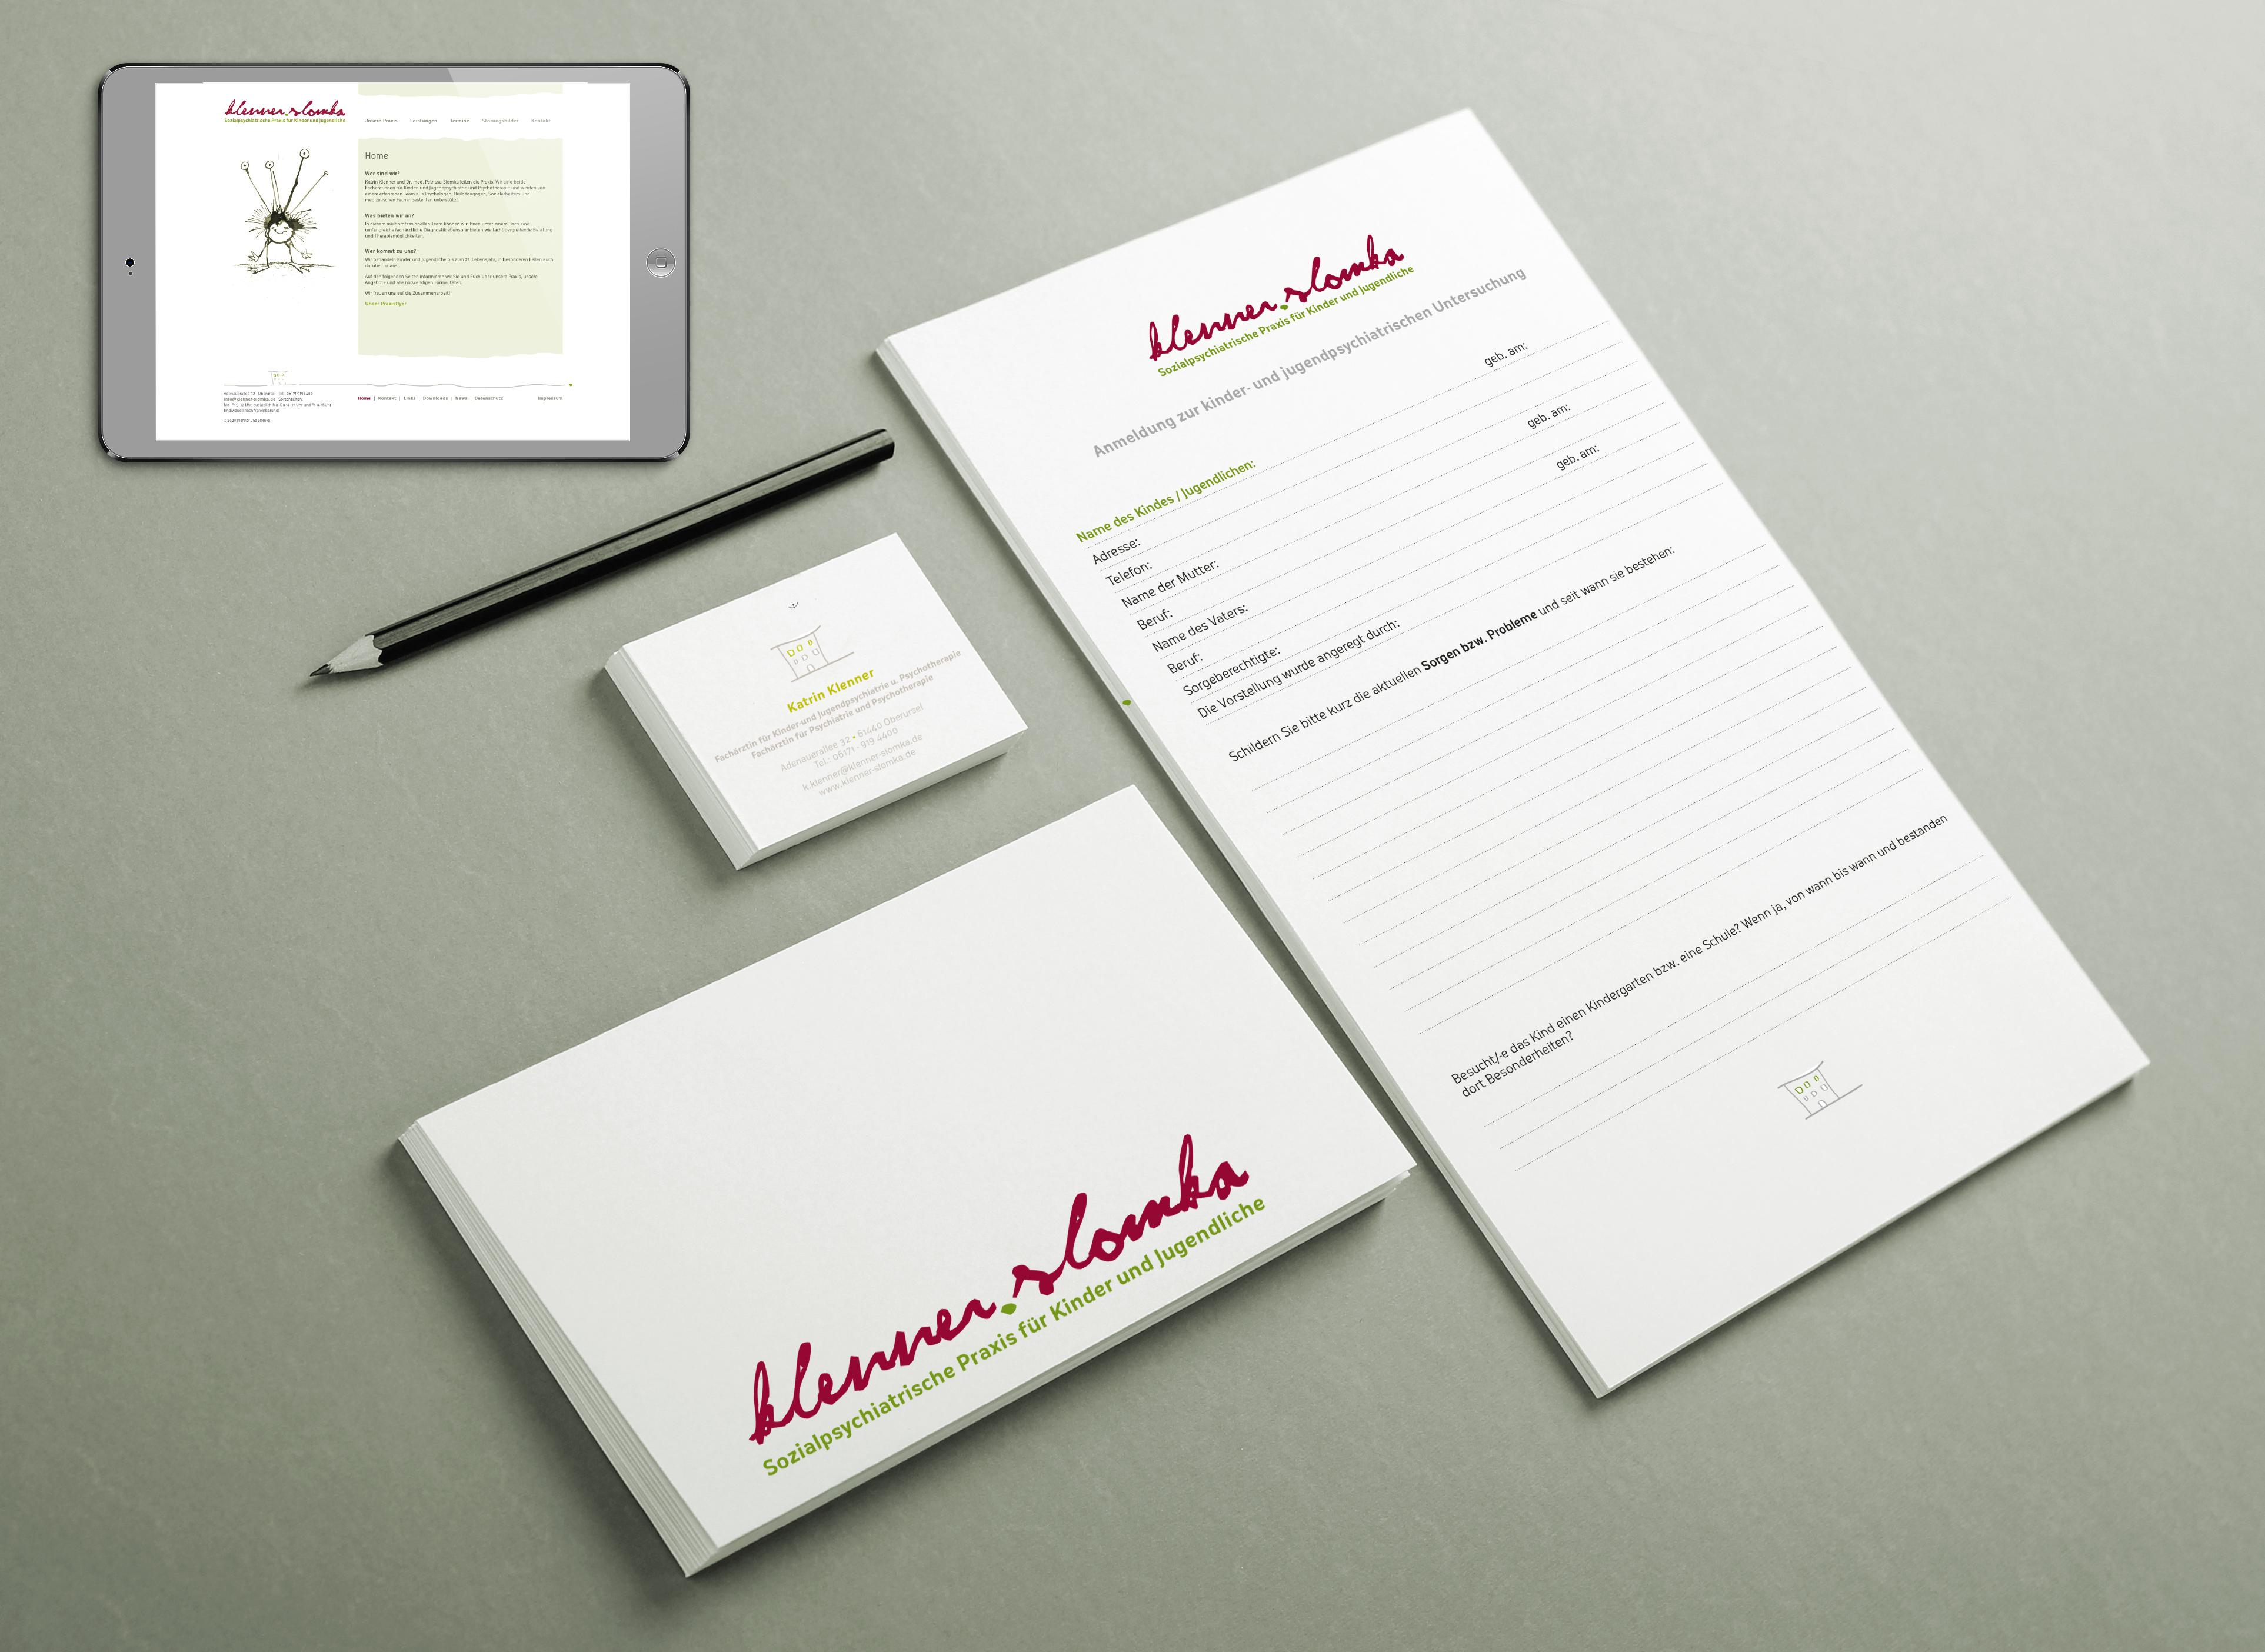 Geschäftsausstattung und Webseite - Klenner Slomka